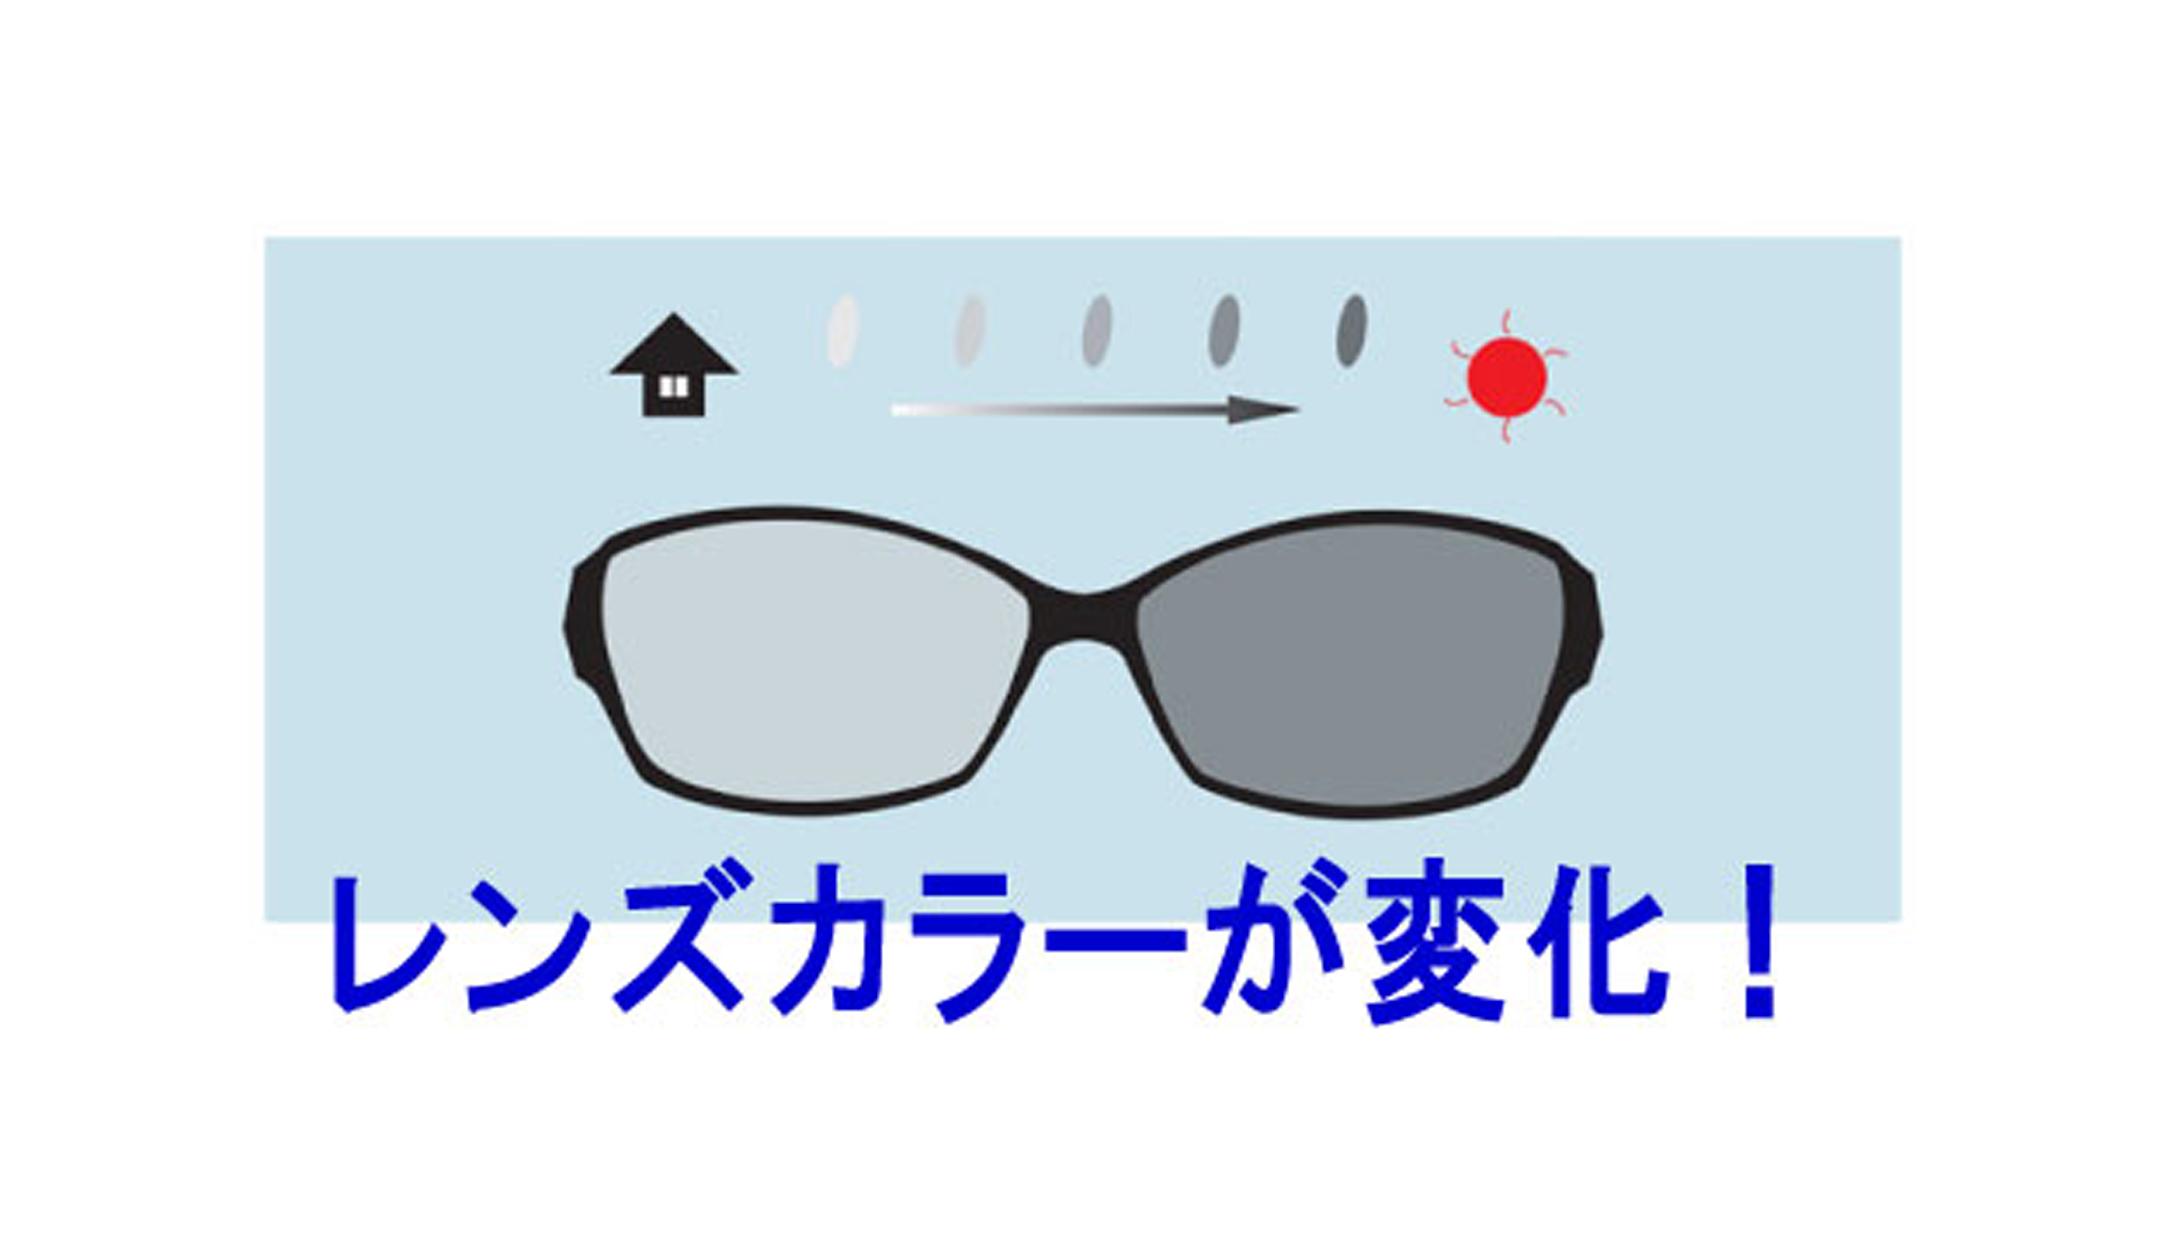 有害な紫外線・眩しさから目を守ろう!